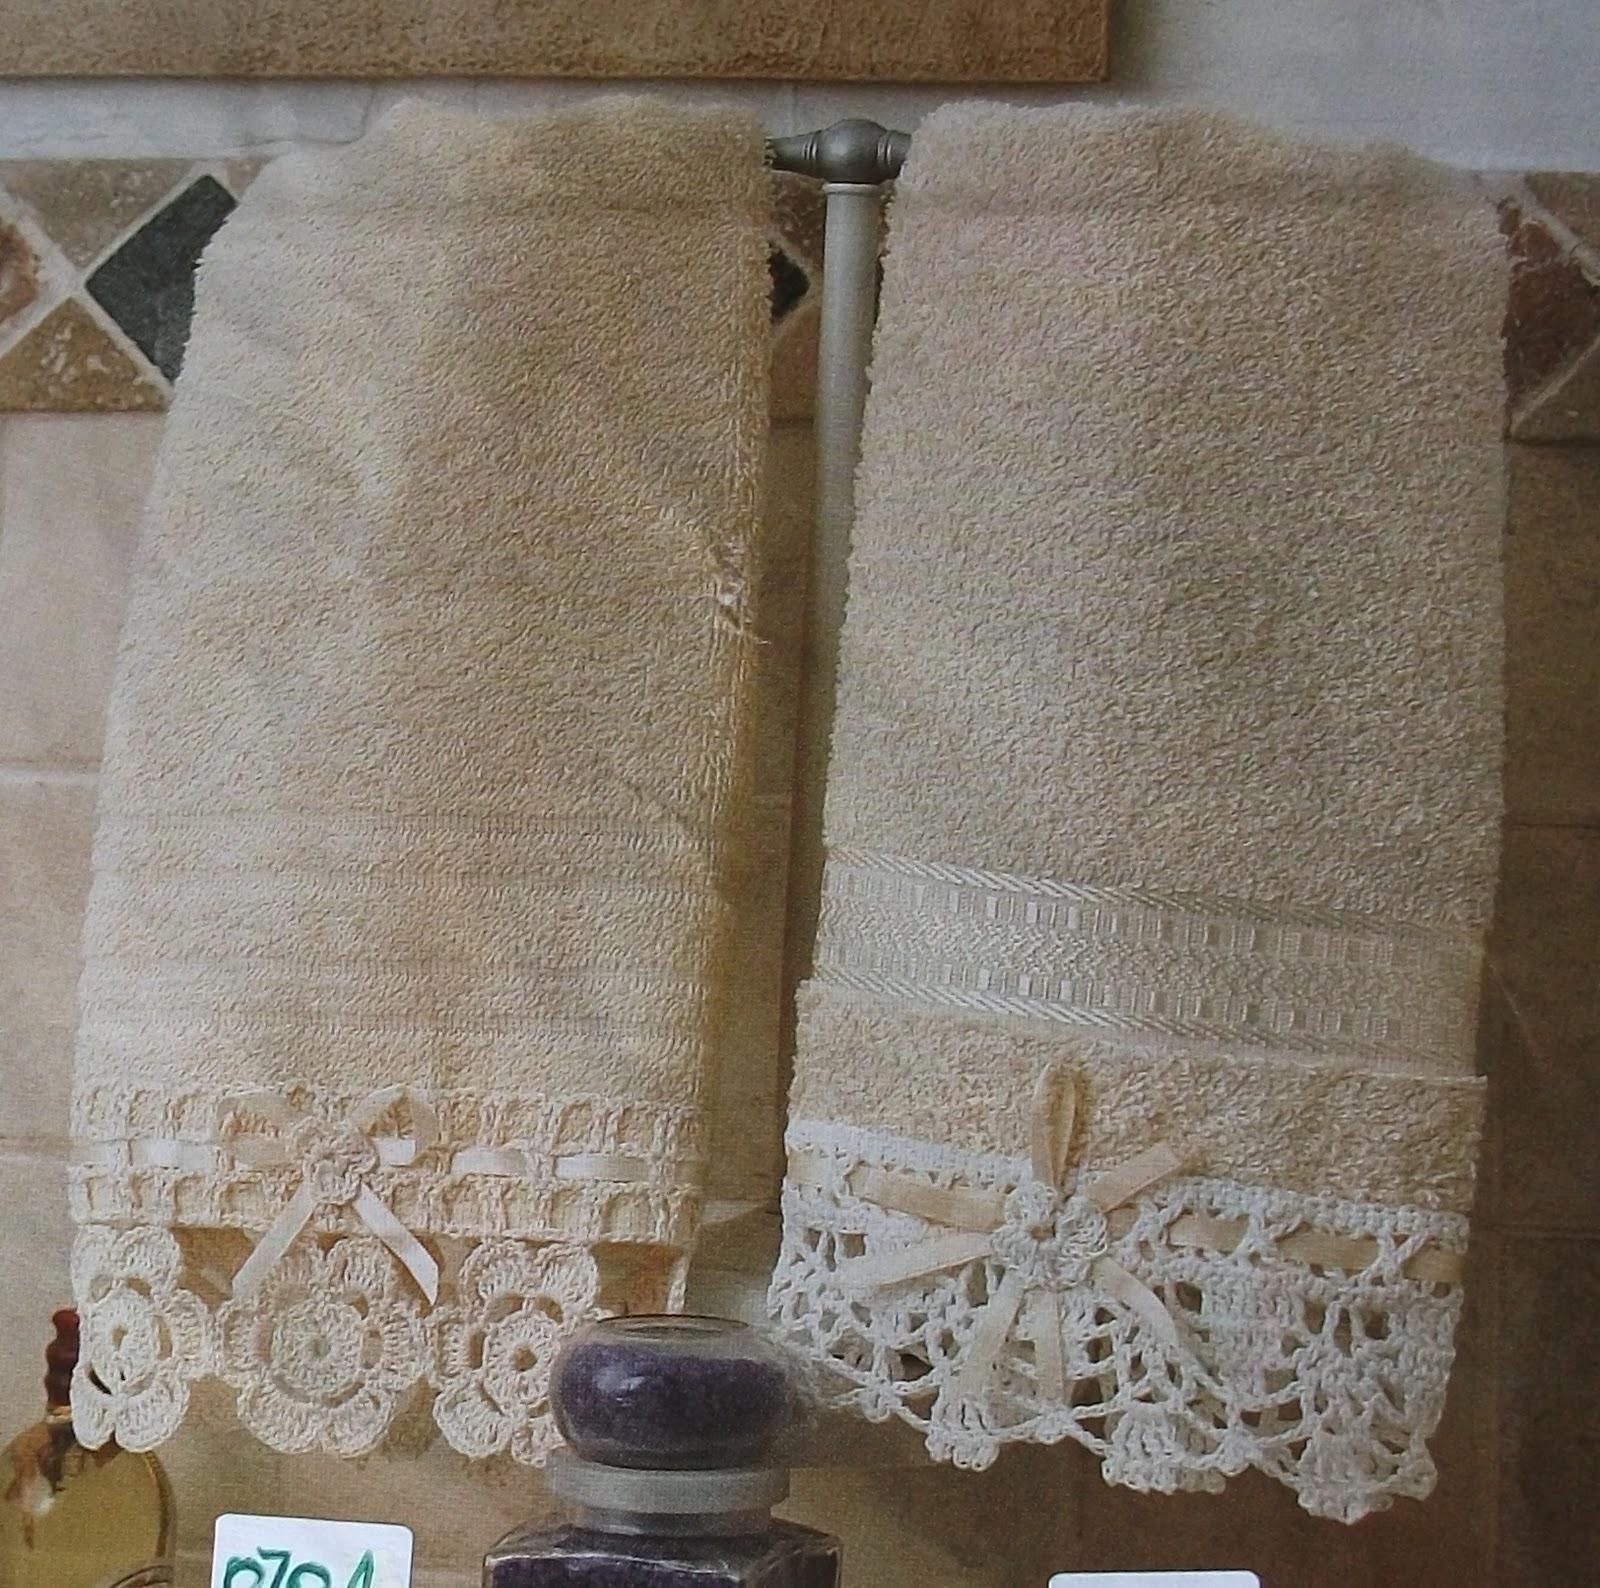 Decoracion de ba o con toallas - Toallas bano ...